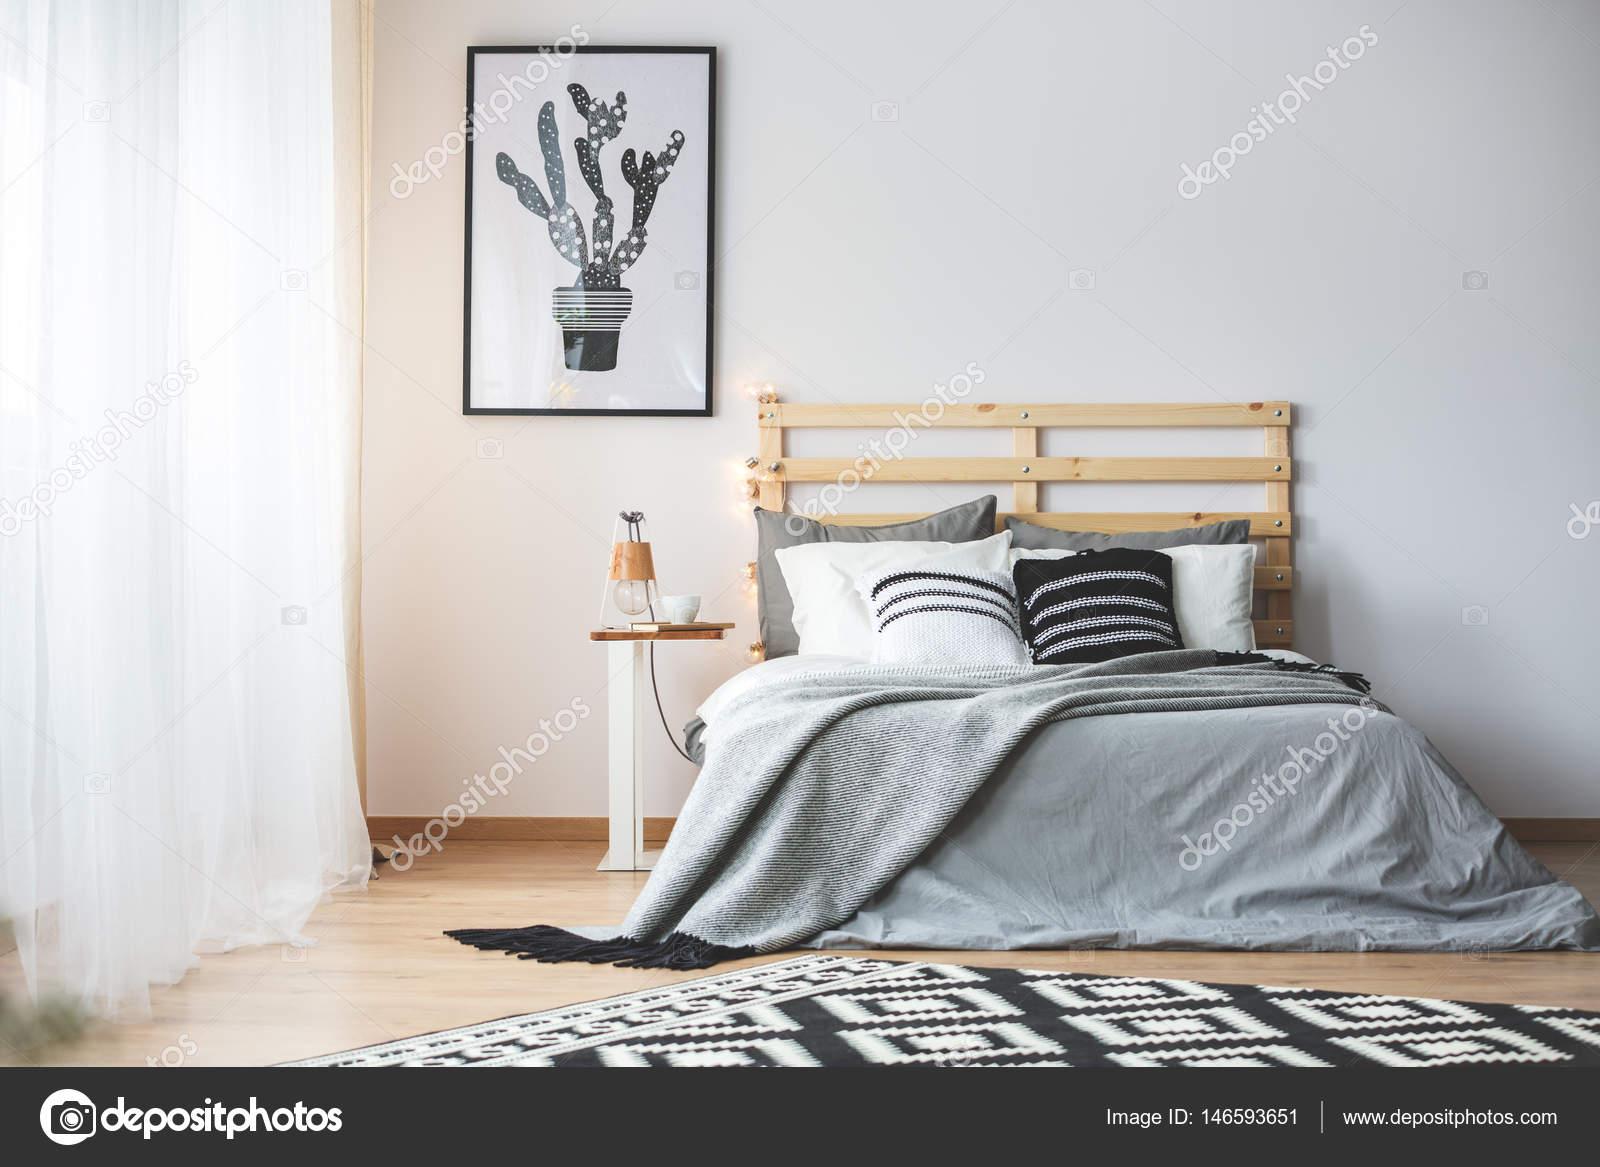 zwart wit slaapkamer met grijs accessoires groot venster en cactus poster foto van photographeeeu